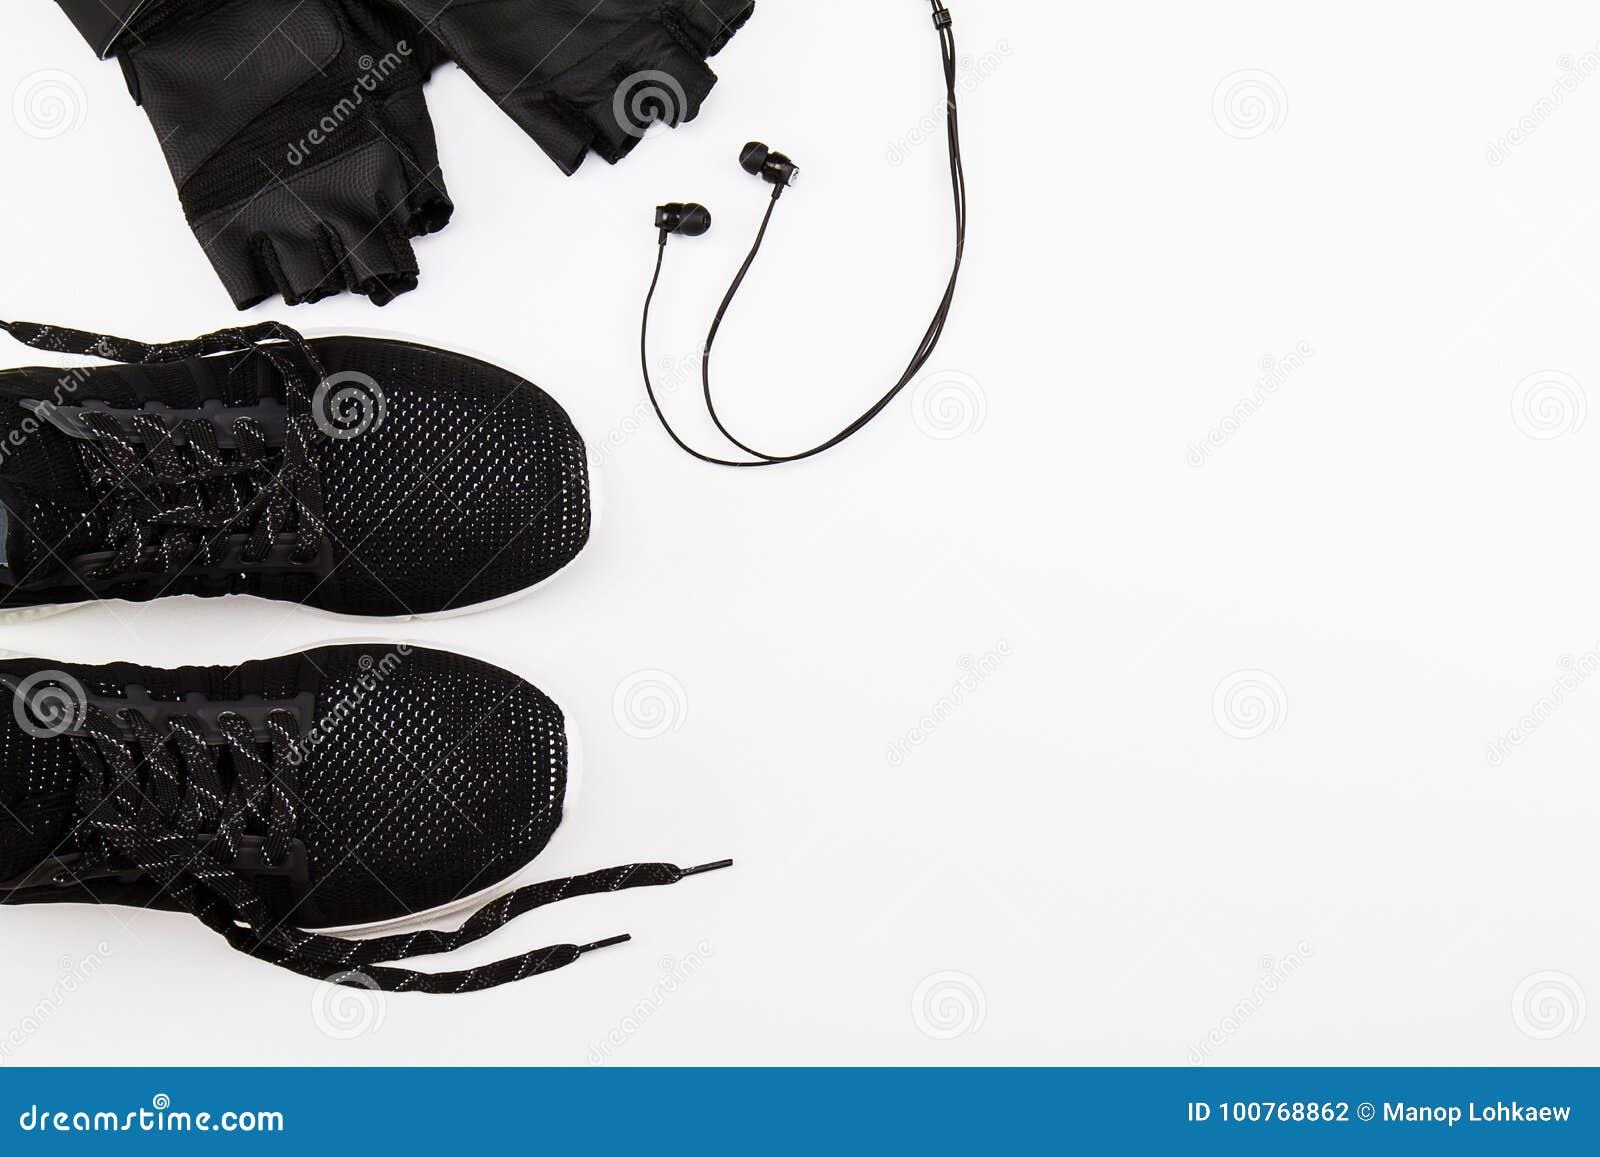 Zapatos, guante y auricular negros del deporte en el fondo blanco